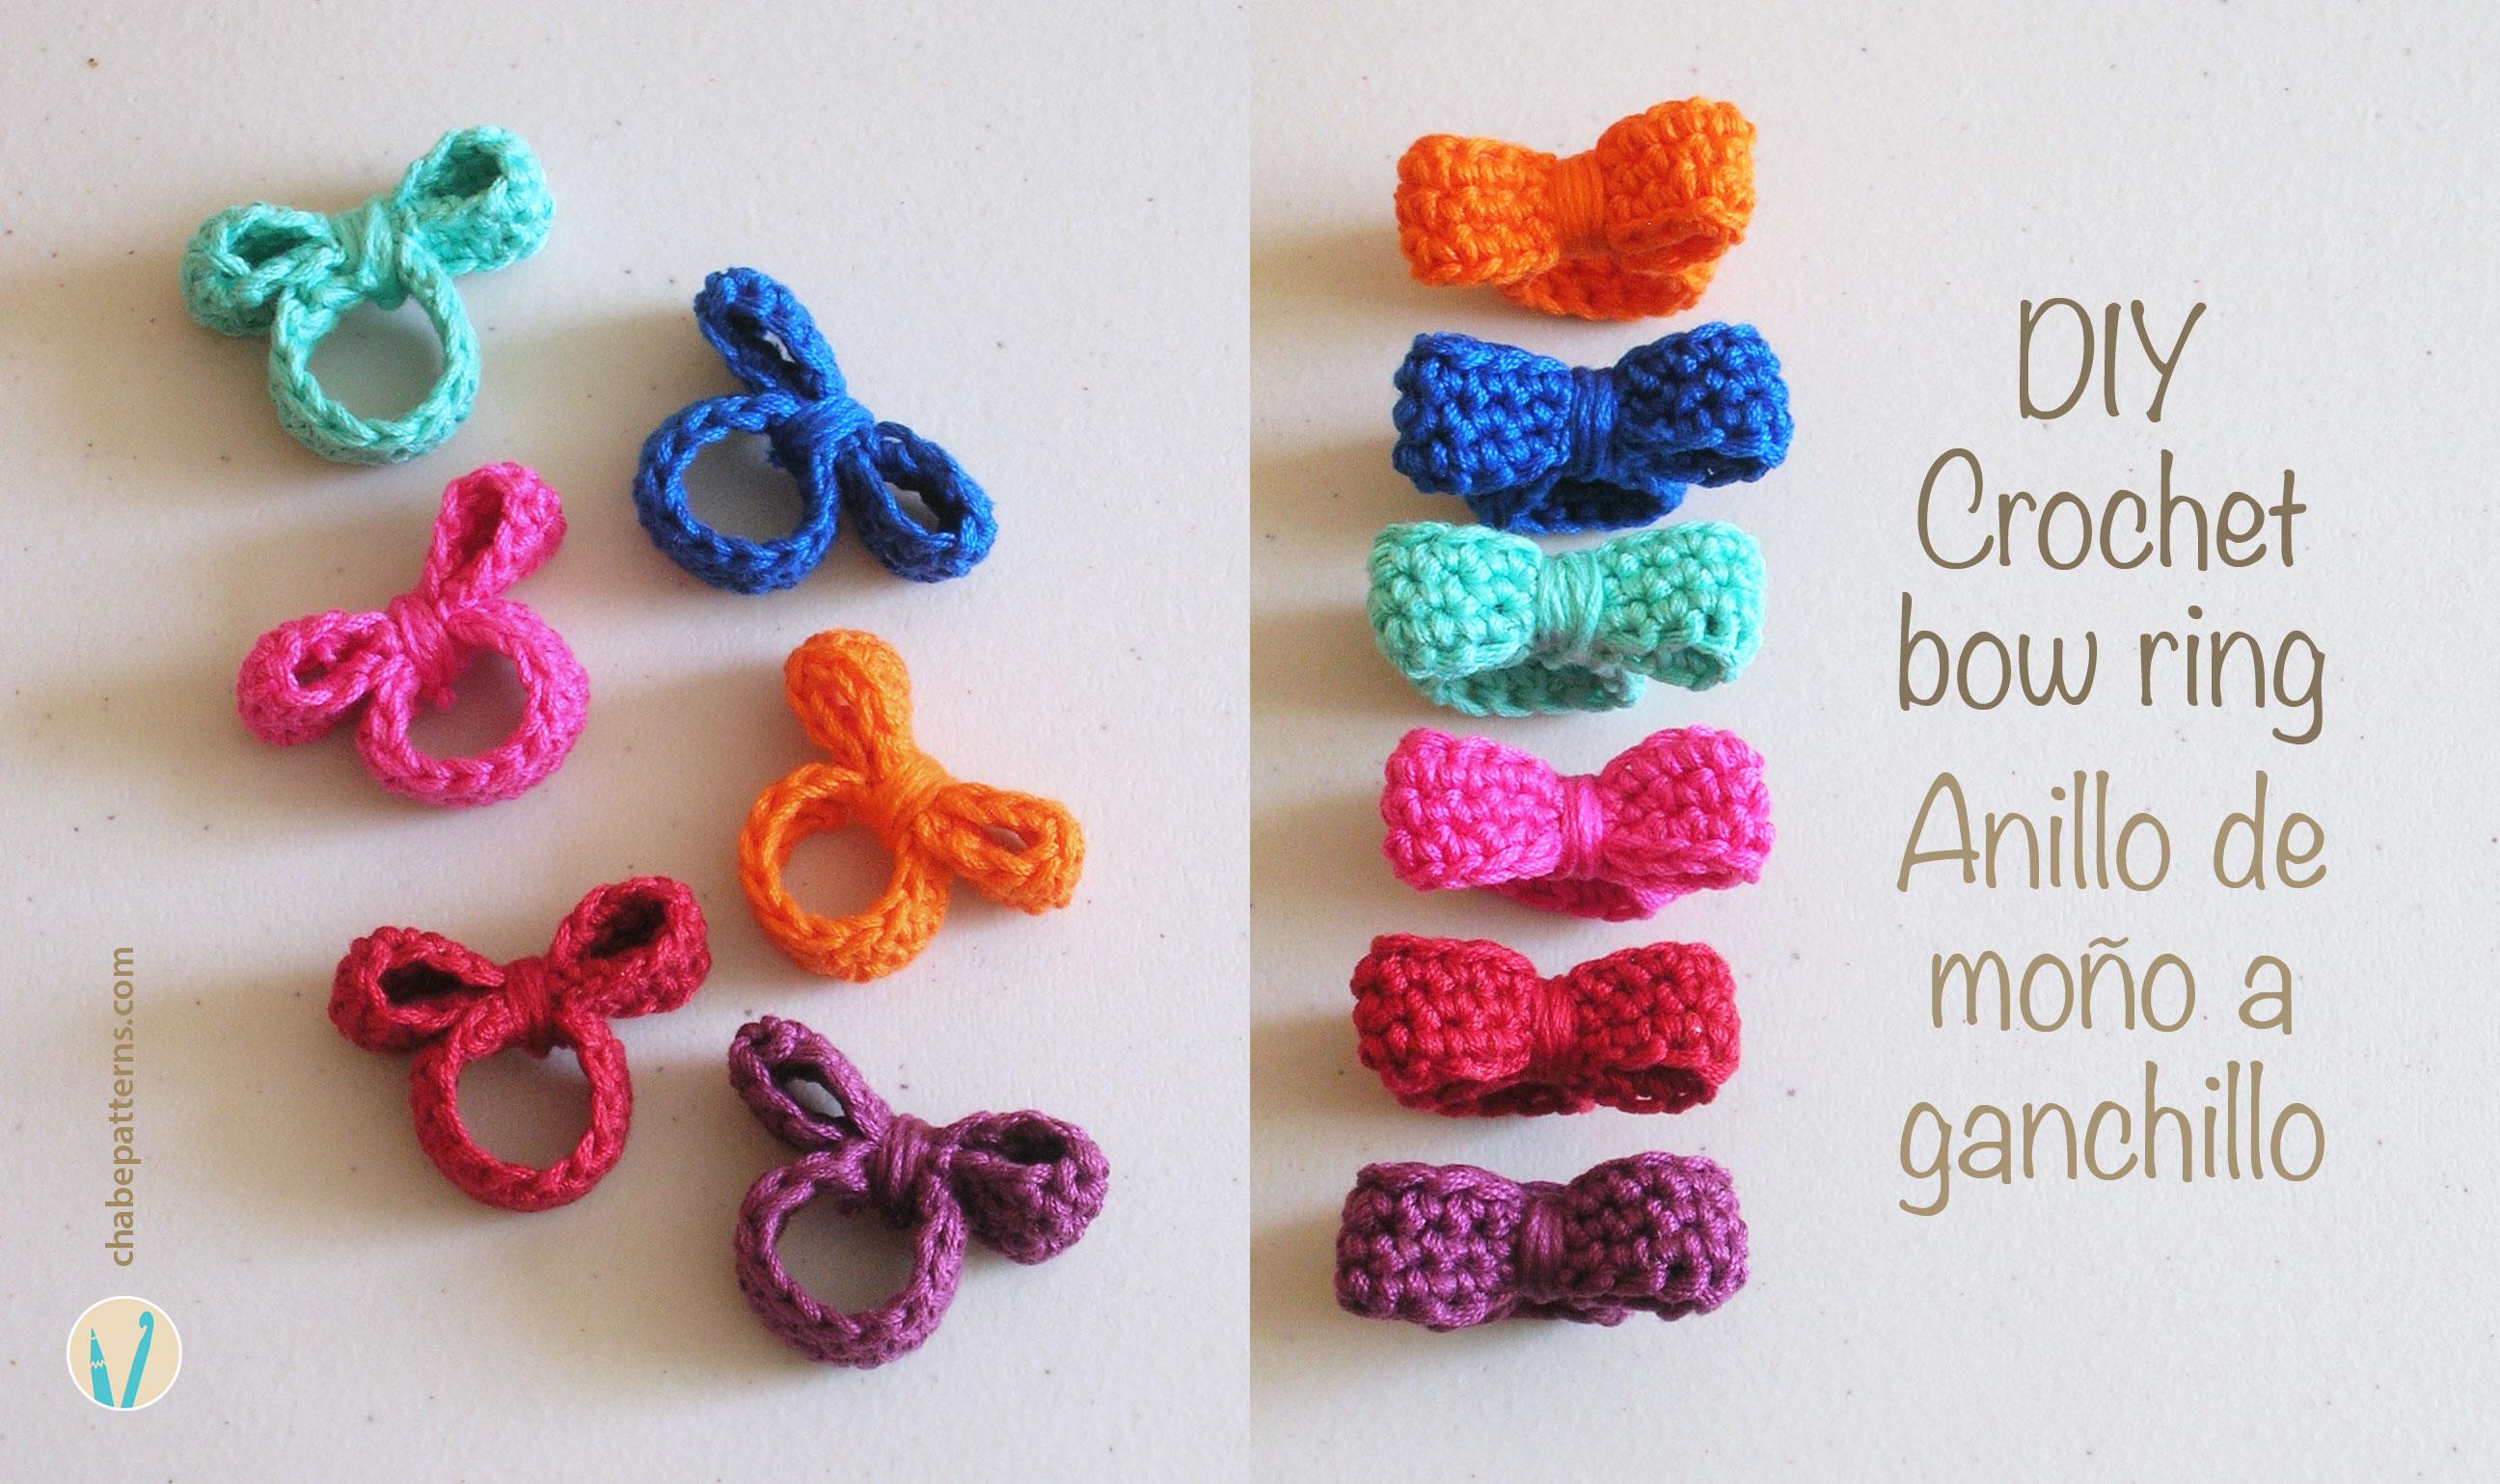 Crochet bow ring anillo de mo o - Como hacer cosas de ganchillo ...